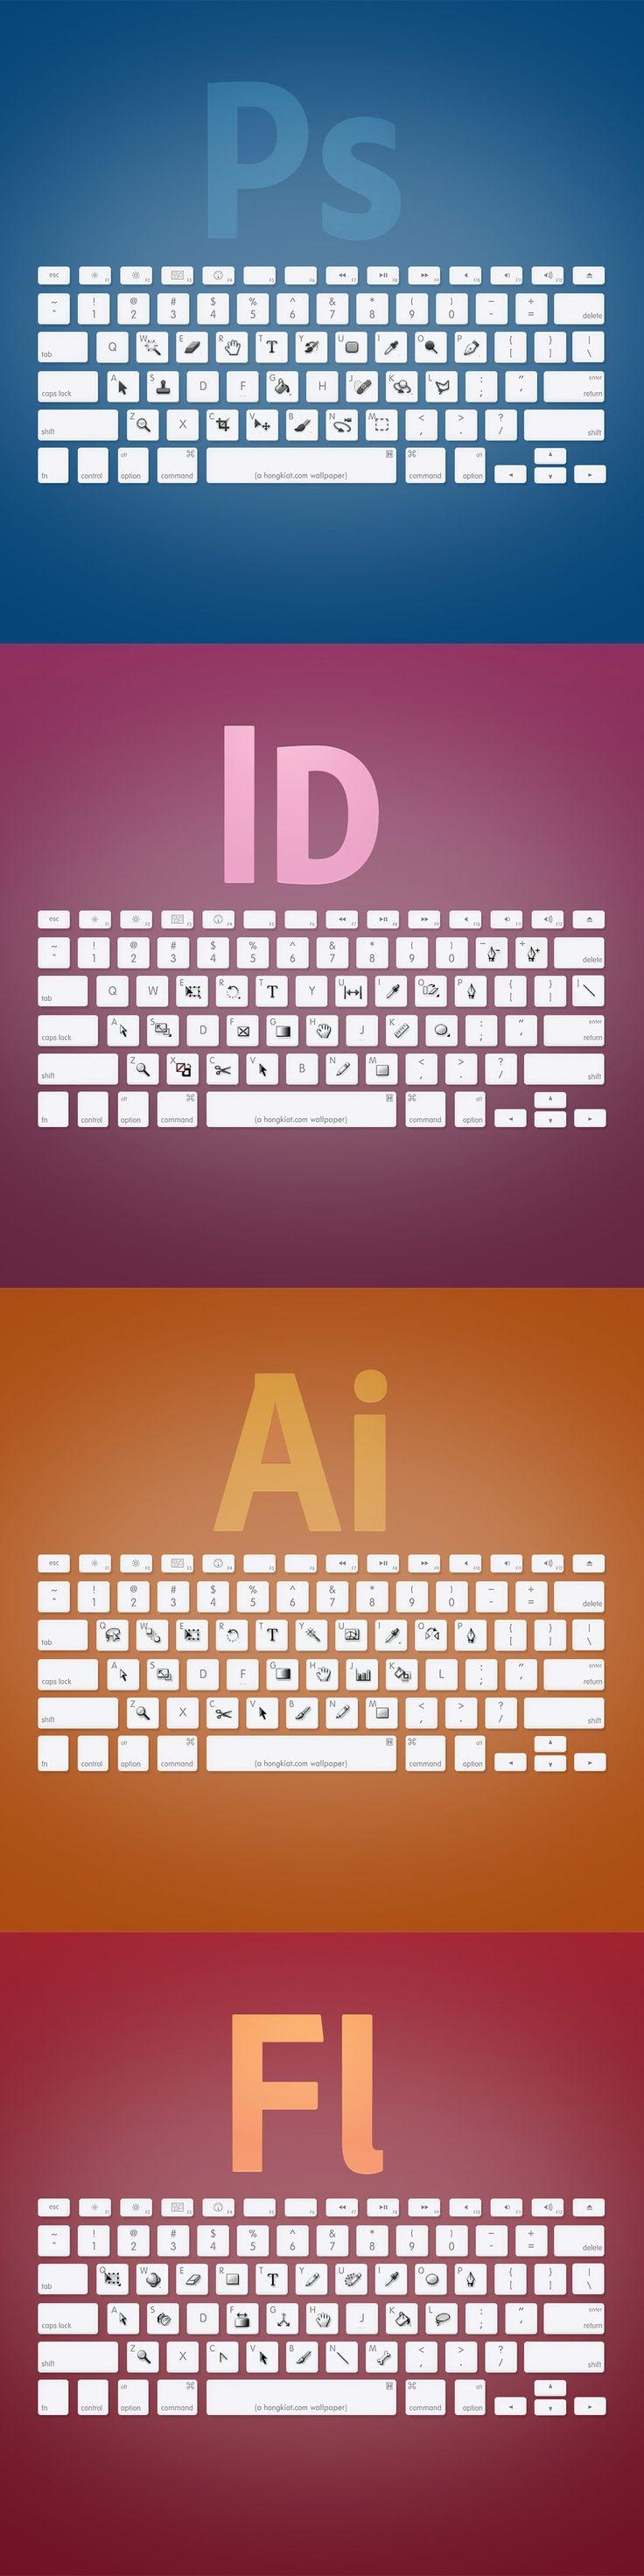 Os principais atalhos do Adobe para ajudar os aspirantes a designer a se especializarem! #infographics